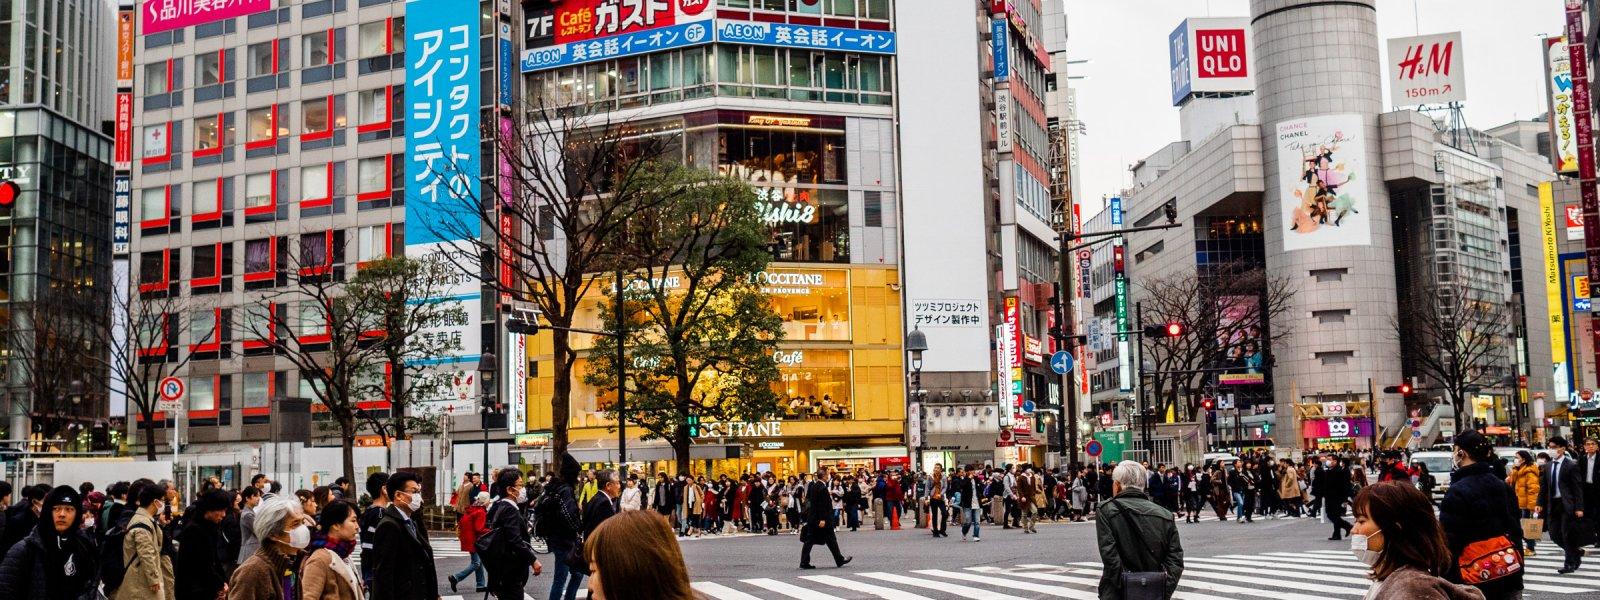 20 Must-Do Activities in Tokyo